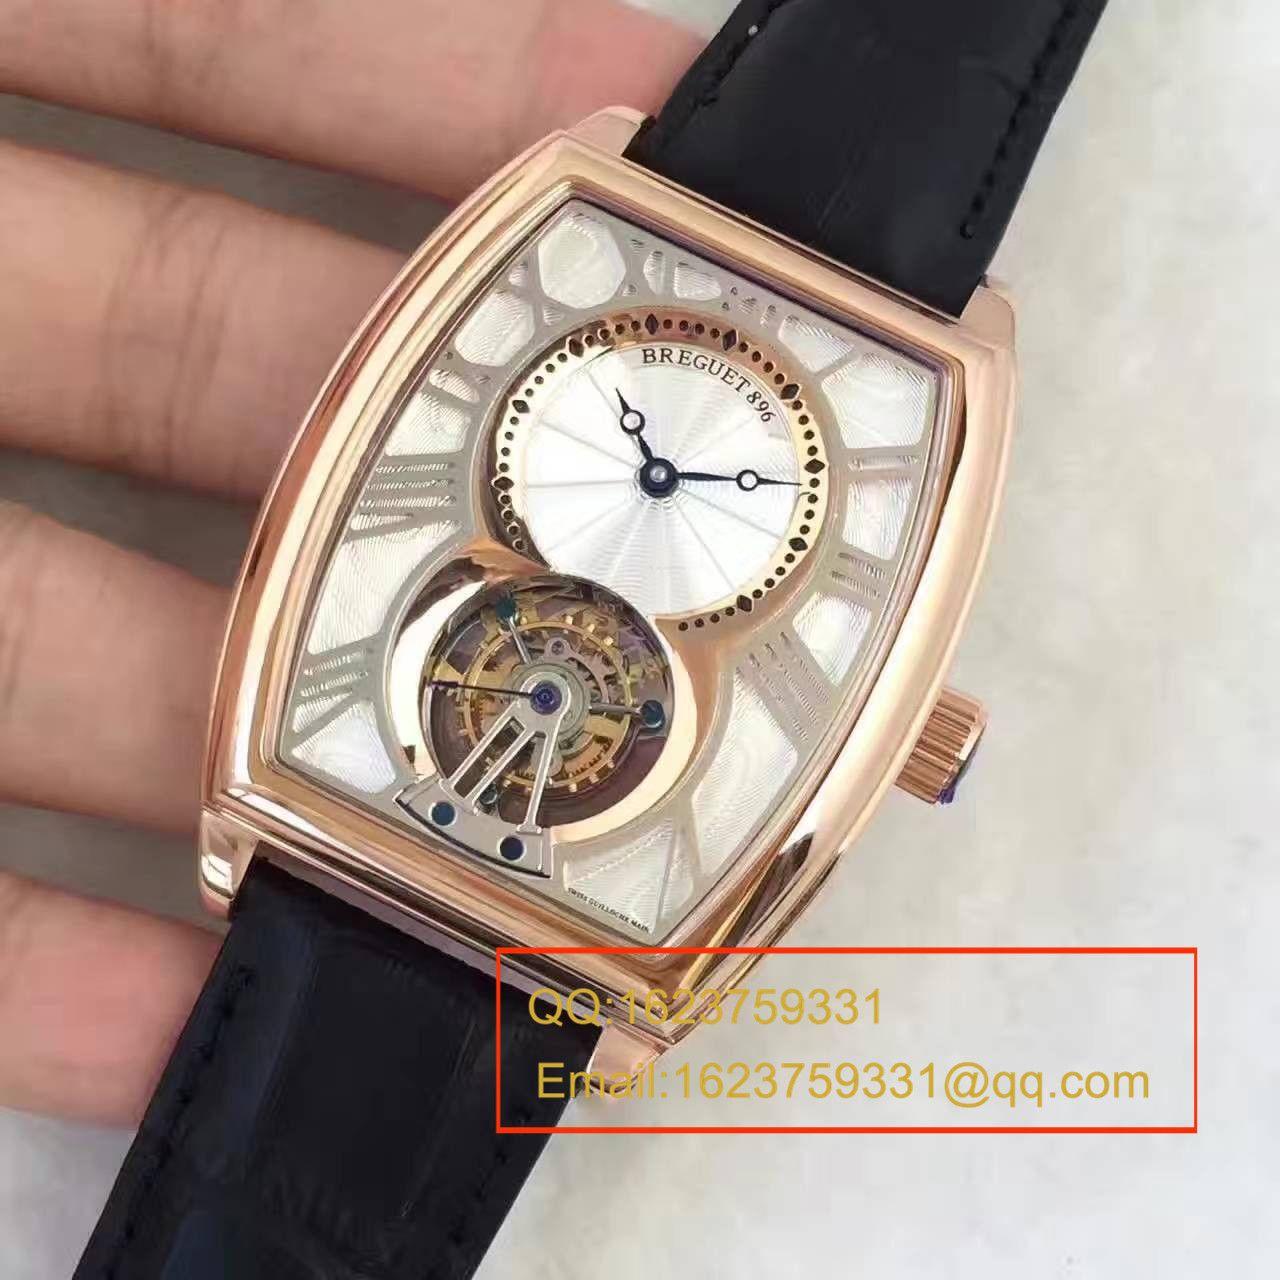 【BM厂级复刻手表】宝玑传承系列5497BR/12/9V6腕表真陀飞轮机械手表《玫瑰金款》 / BJ021